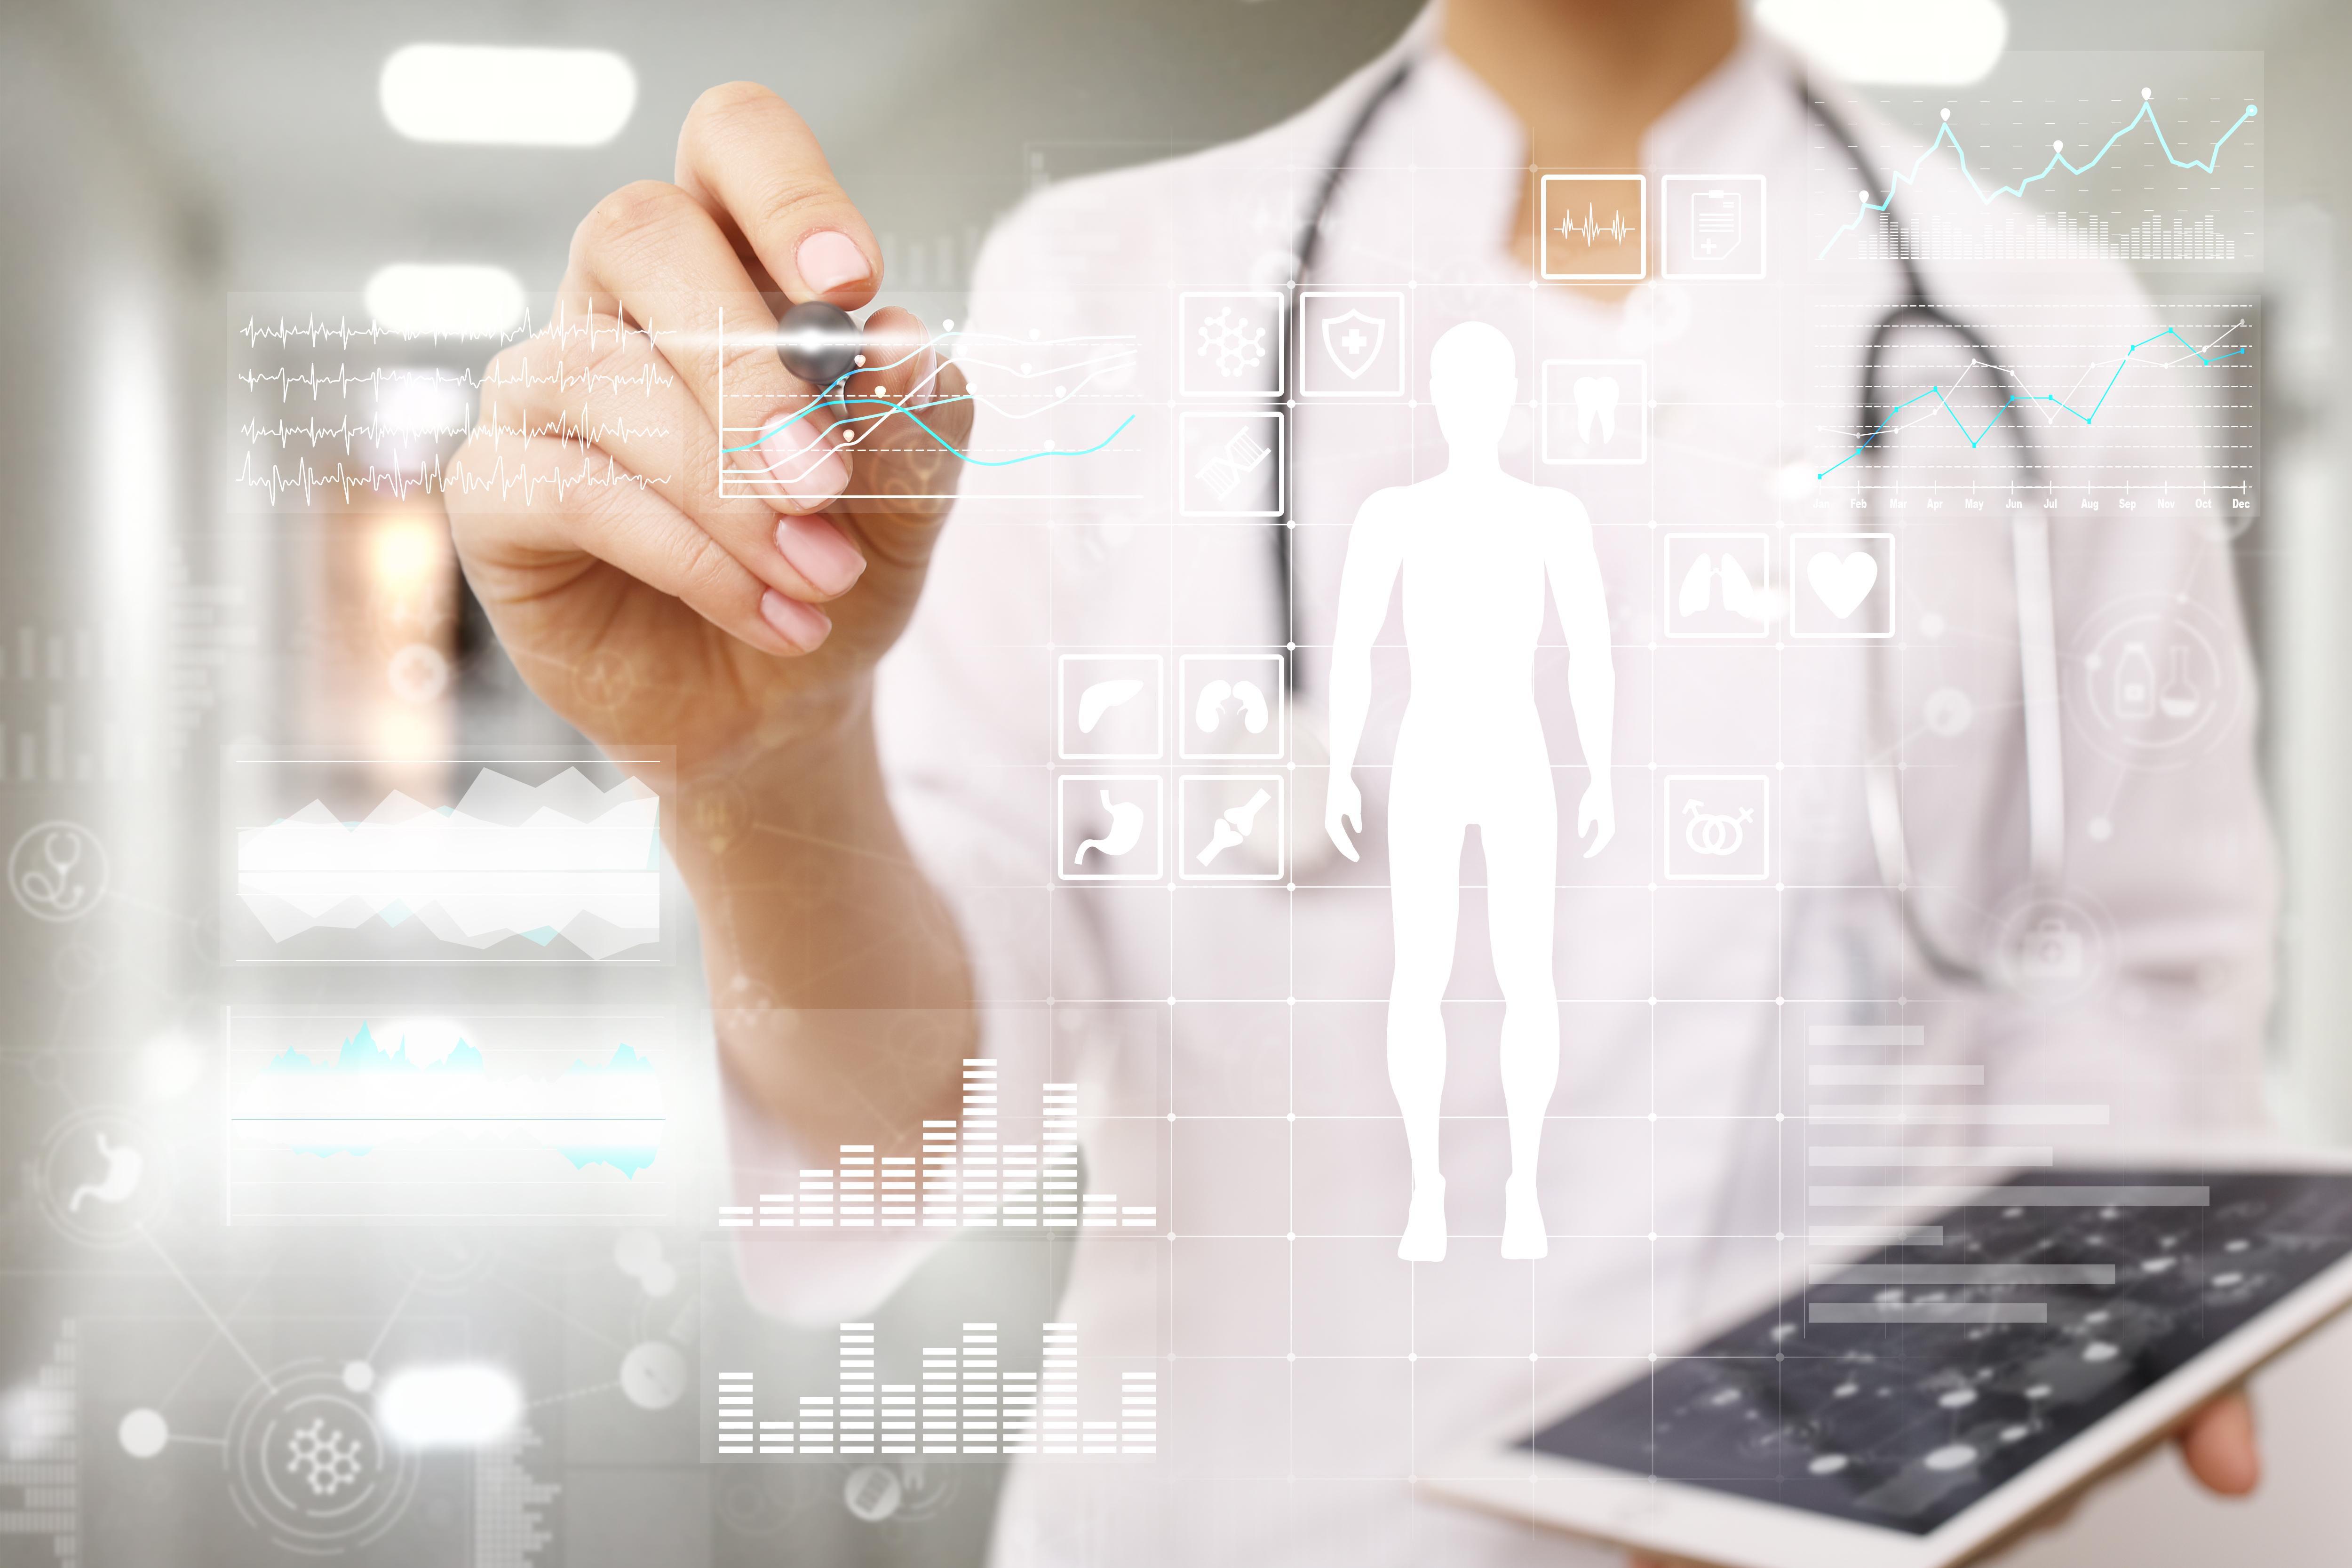 e-health Plattform